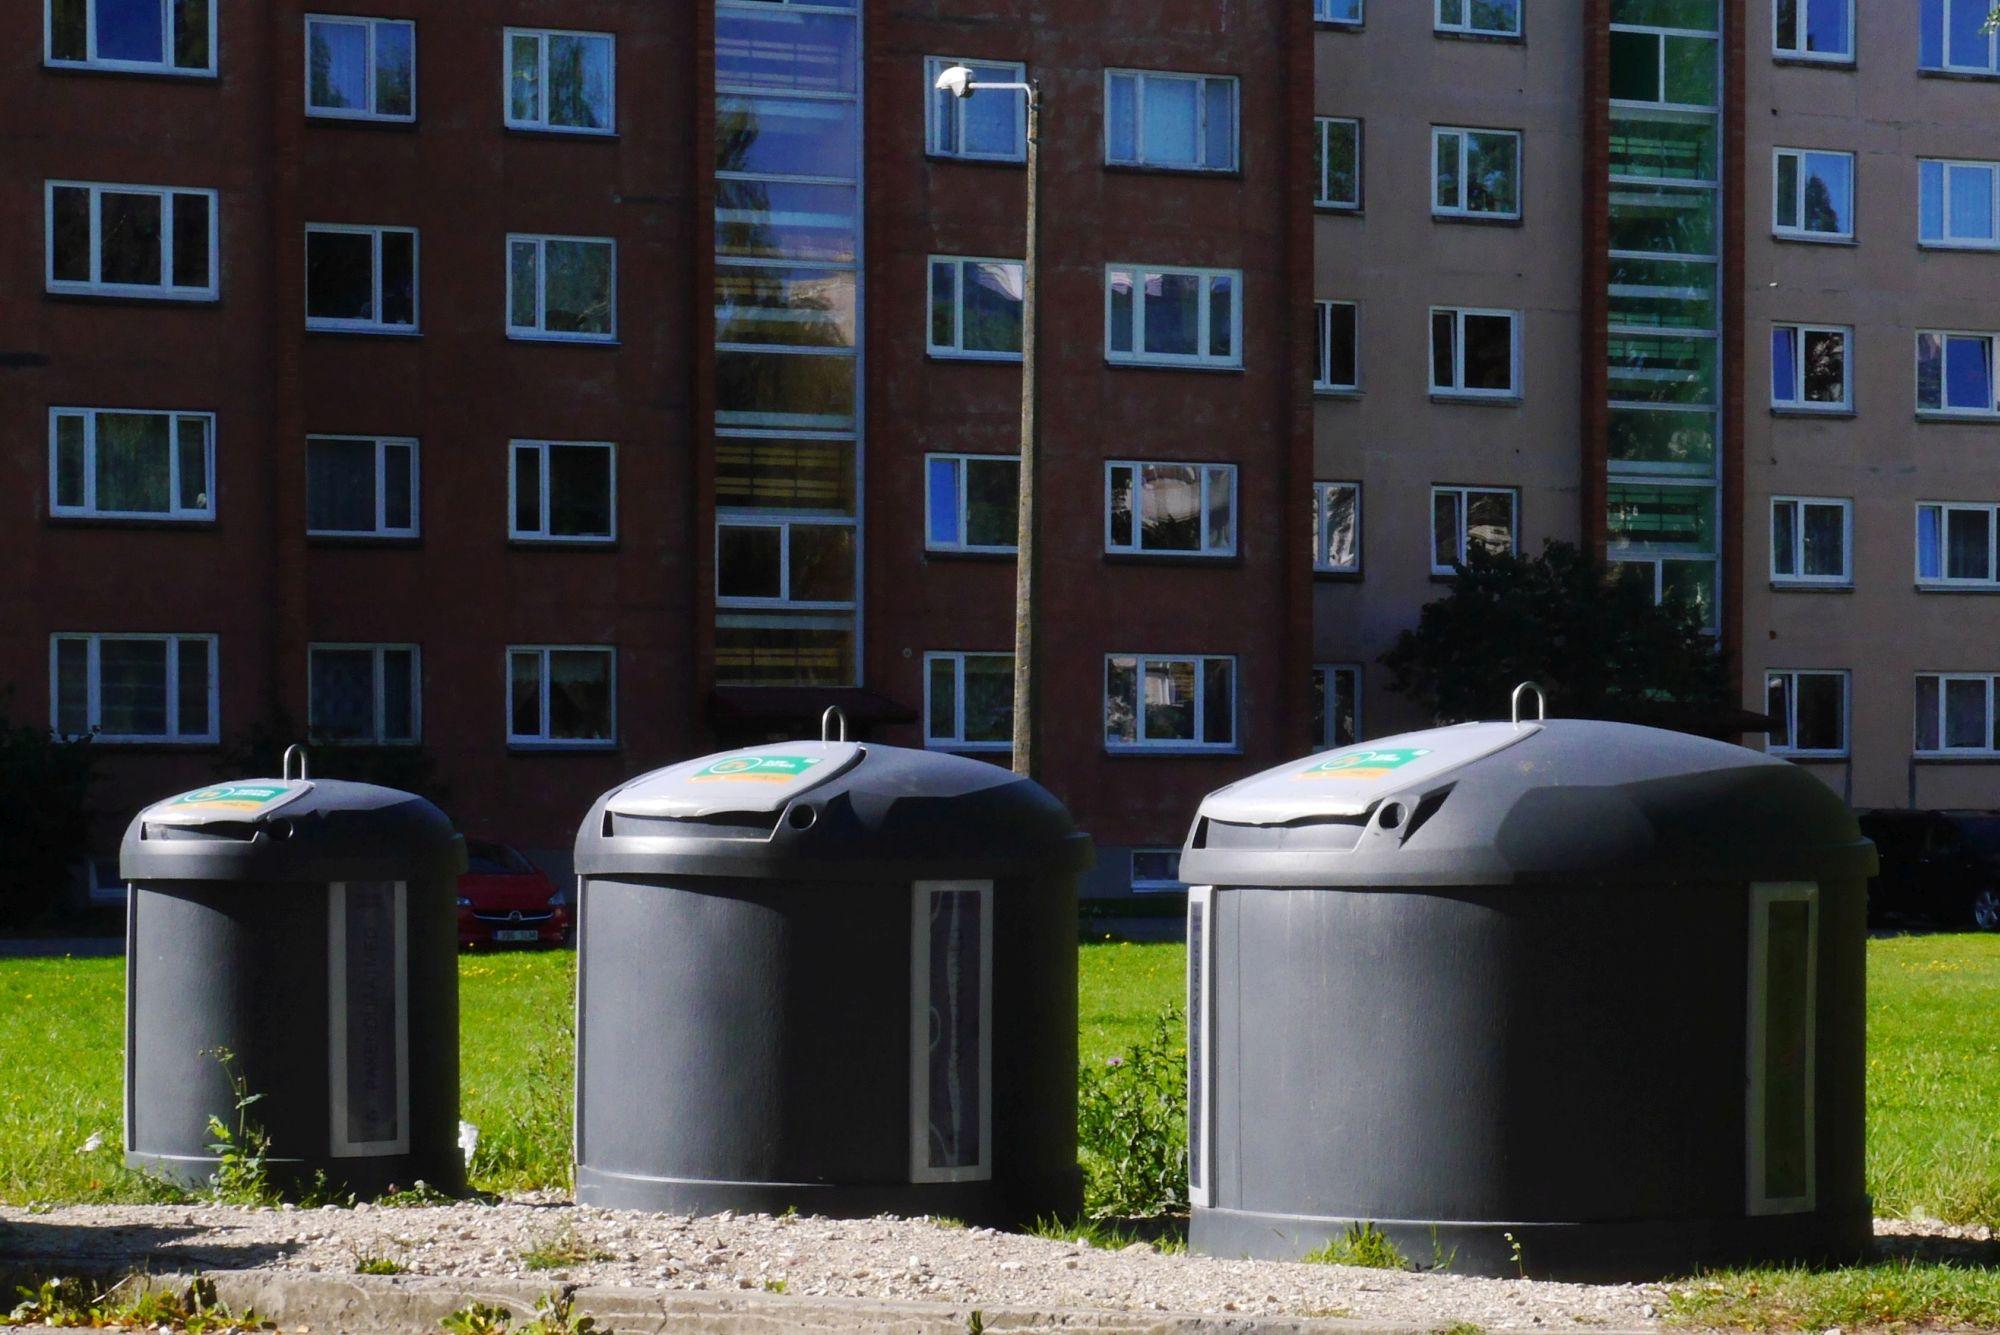 eb1b22c4adc Foto: Juhan Voolaid. 28. jaanuar / Tartu linna korteriühistud saavad  esitada taotlusi toetuse saamiseks rattaparkla ja jäätmemaja ehitamiseks või  ...